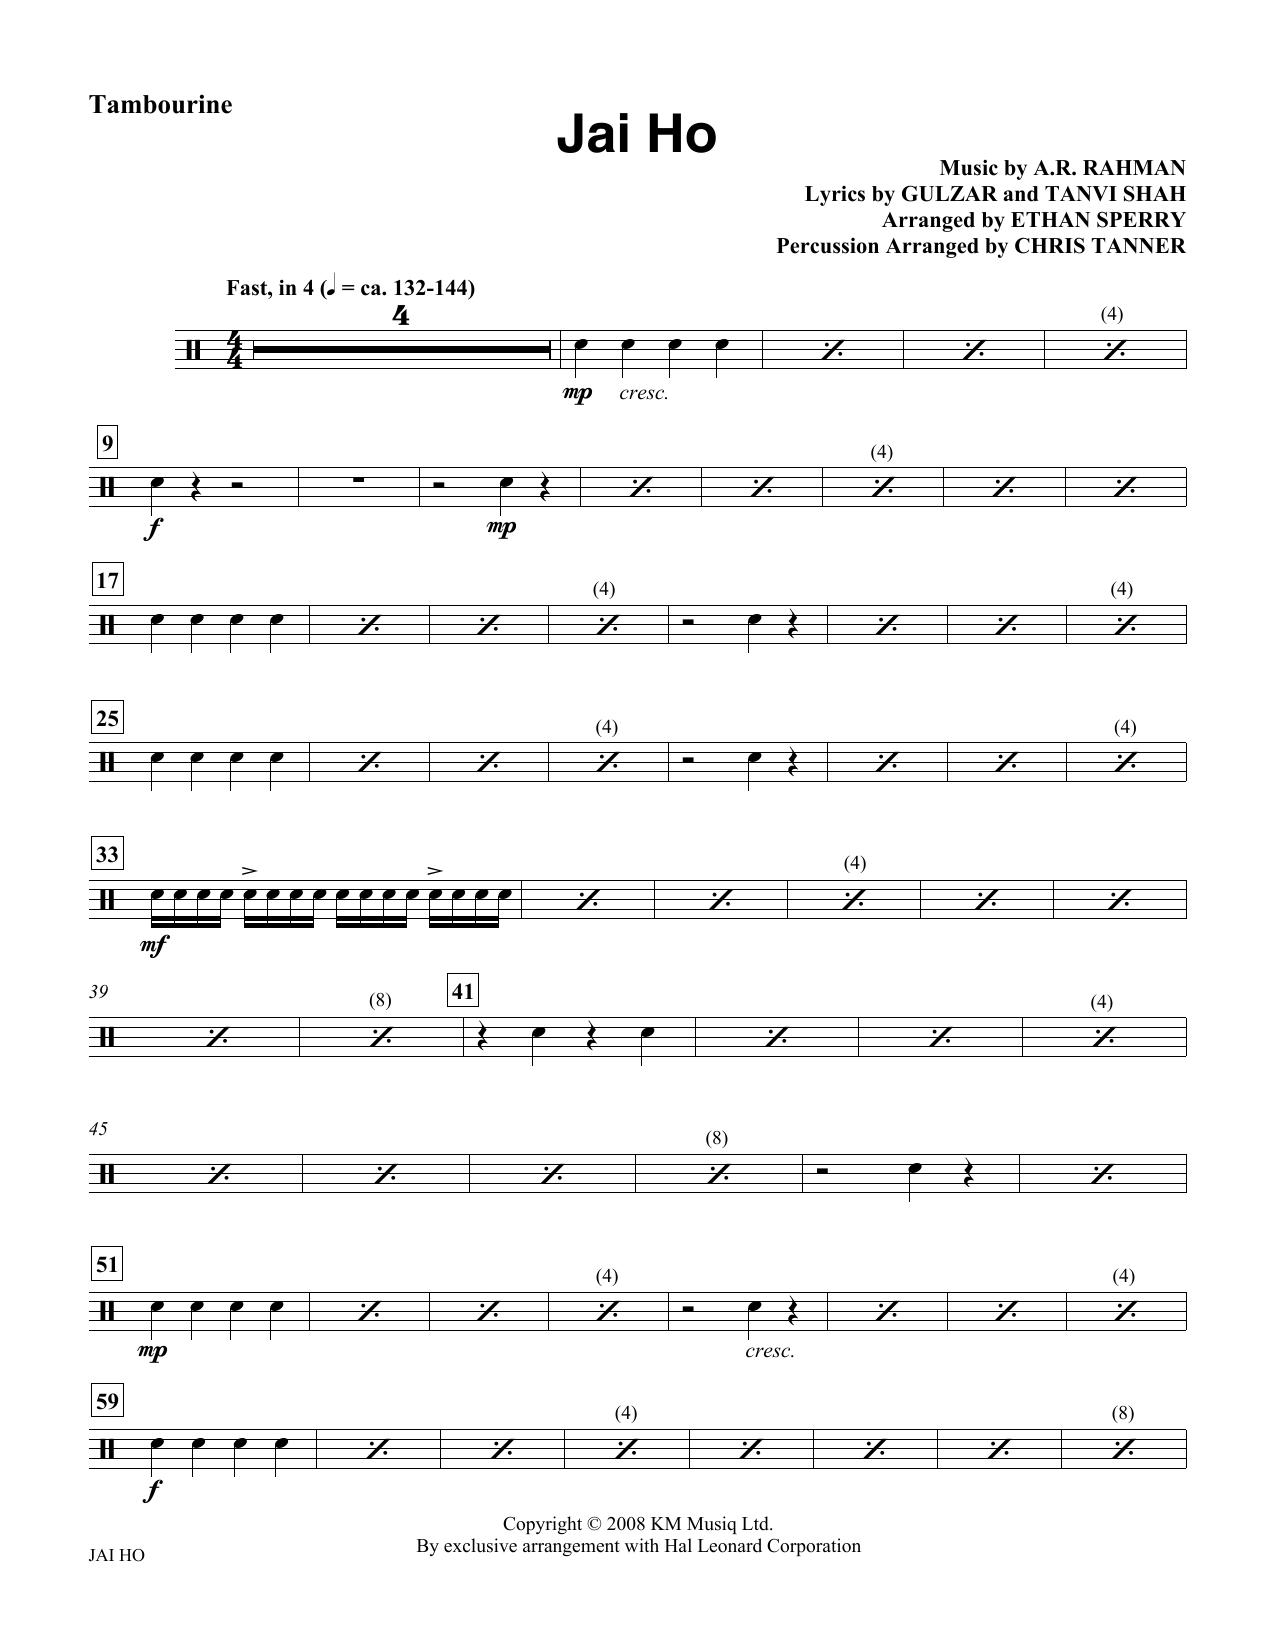 Jai Ho - Tambourine Sheet Music